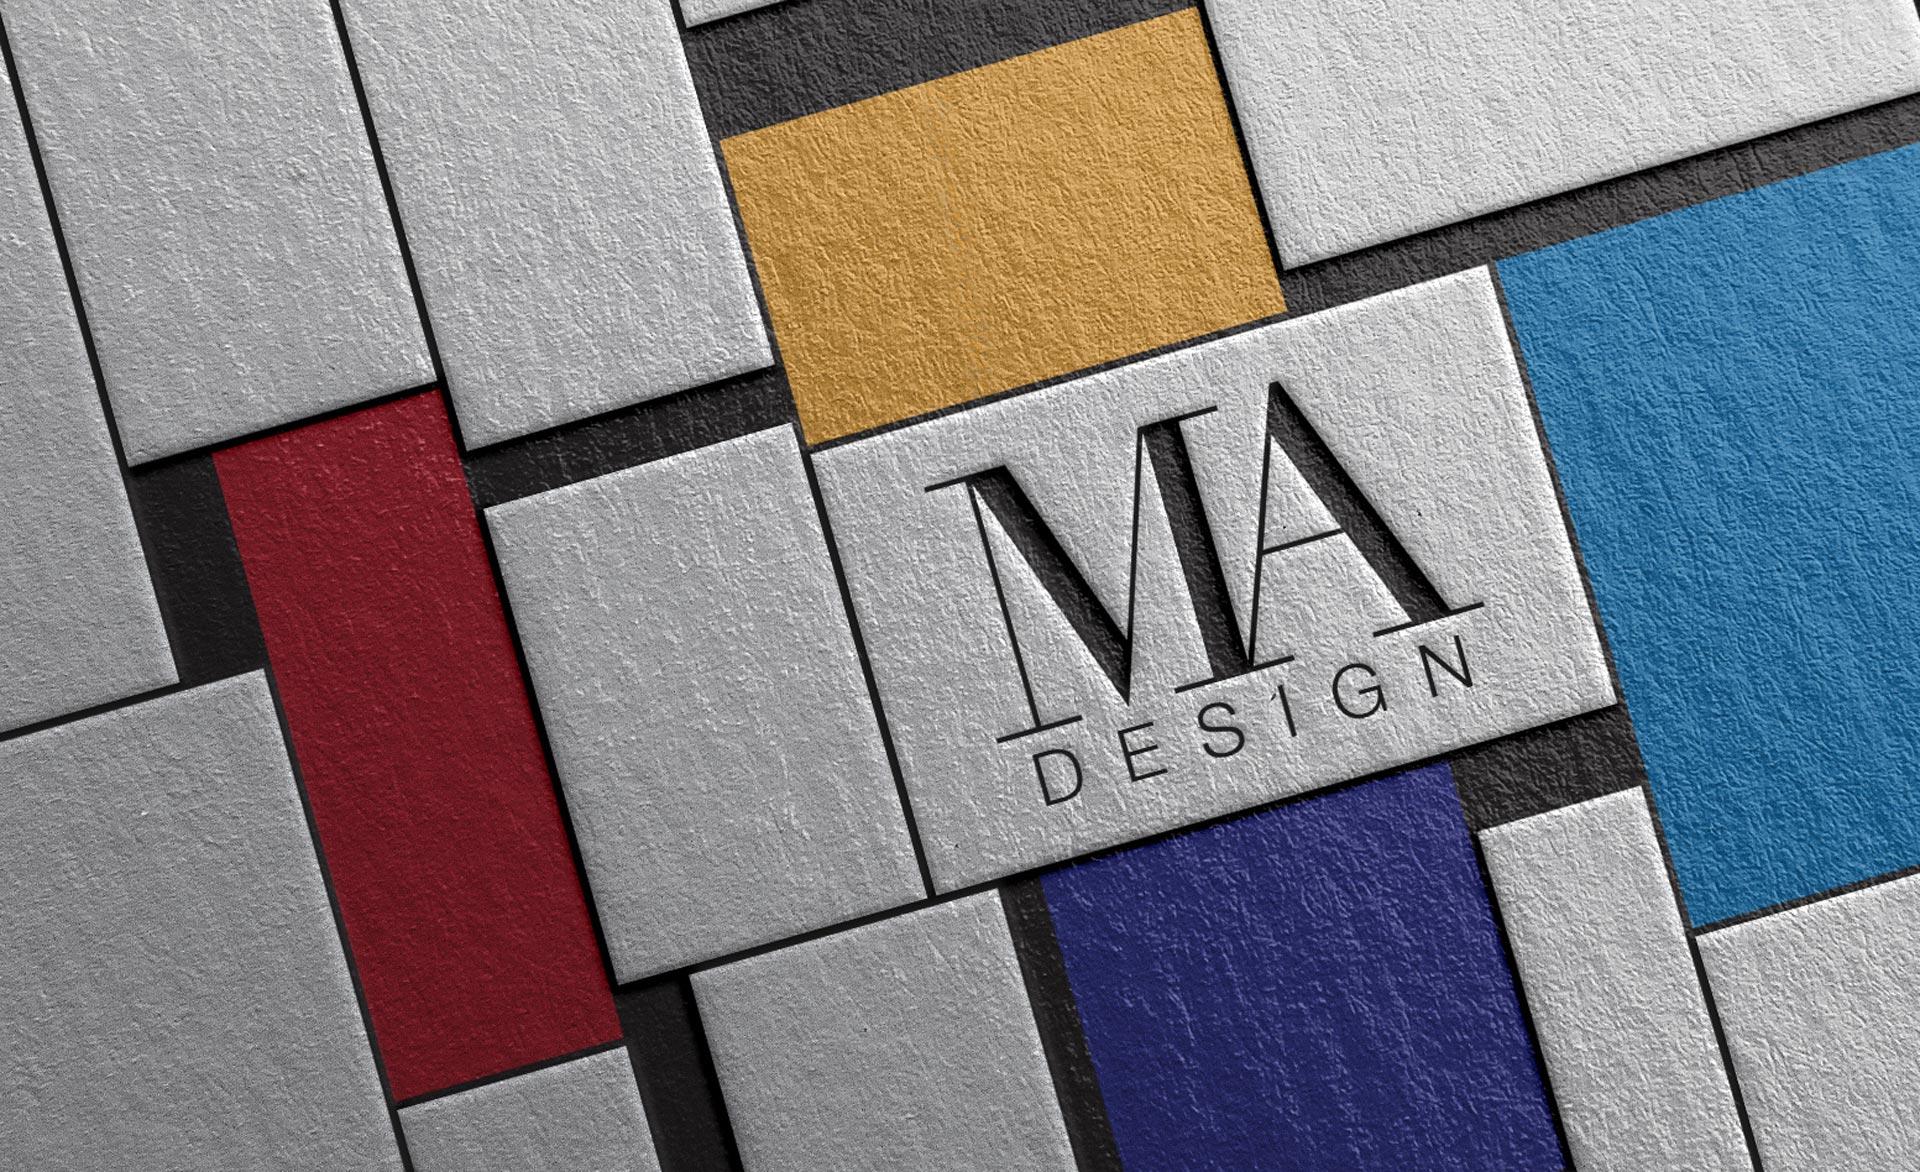 Grafična podoba MAdesign — navdih je Mondrian